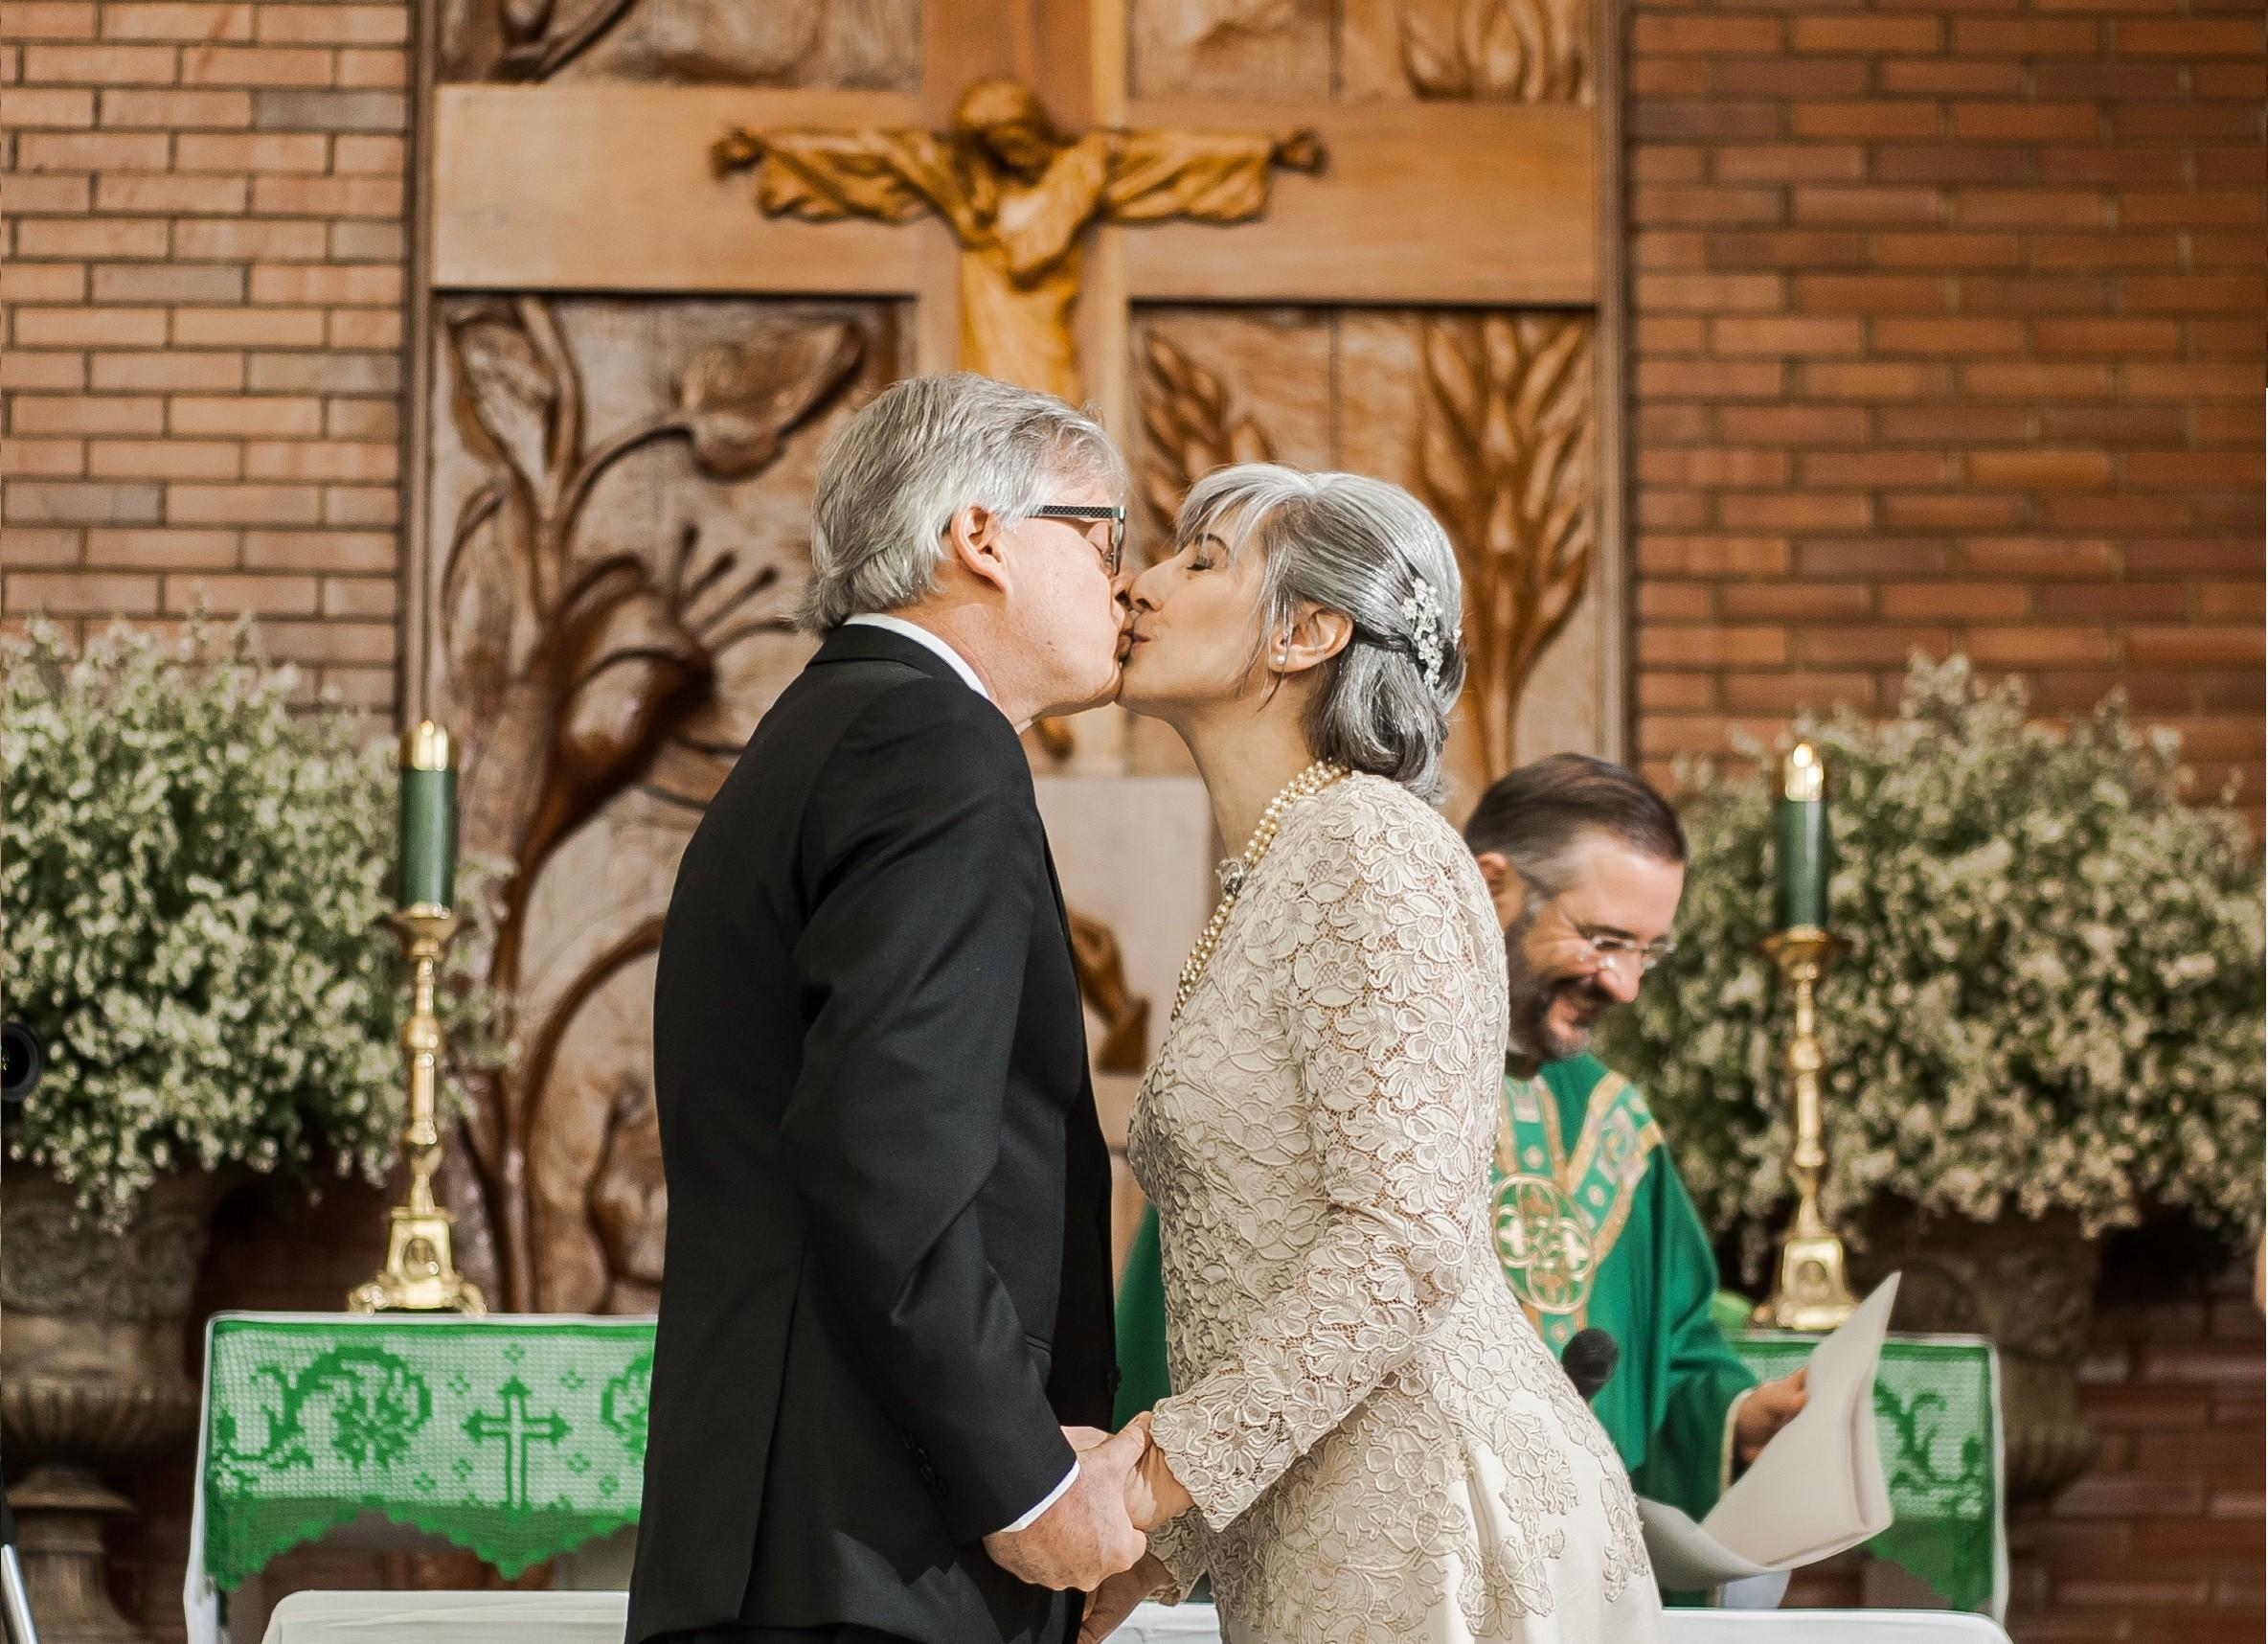 Em Bodas De Prata Marido Compõe Músicas Para A Celebração Da Missa